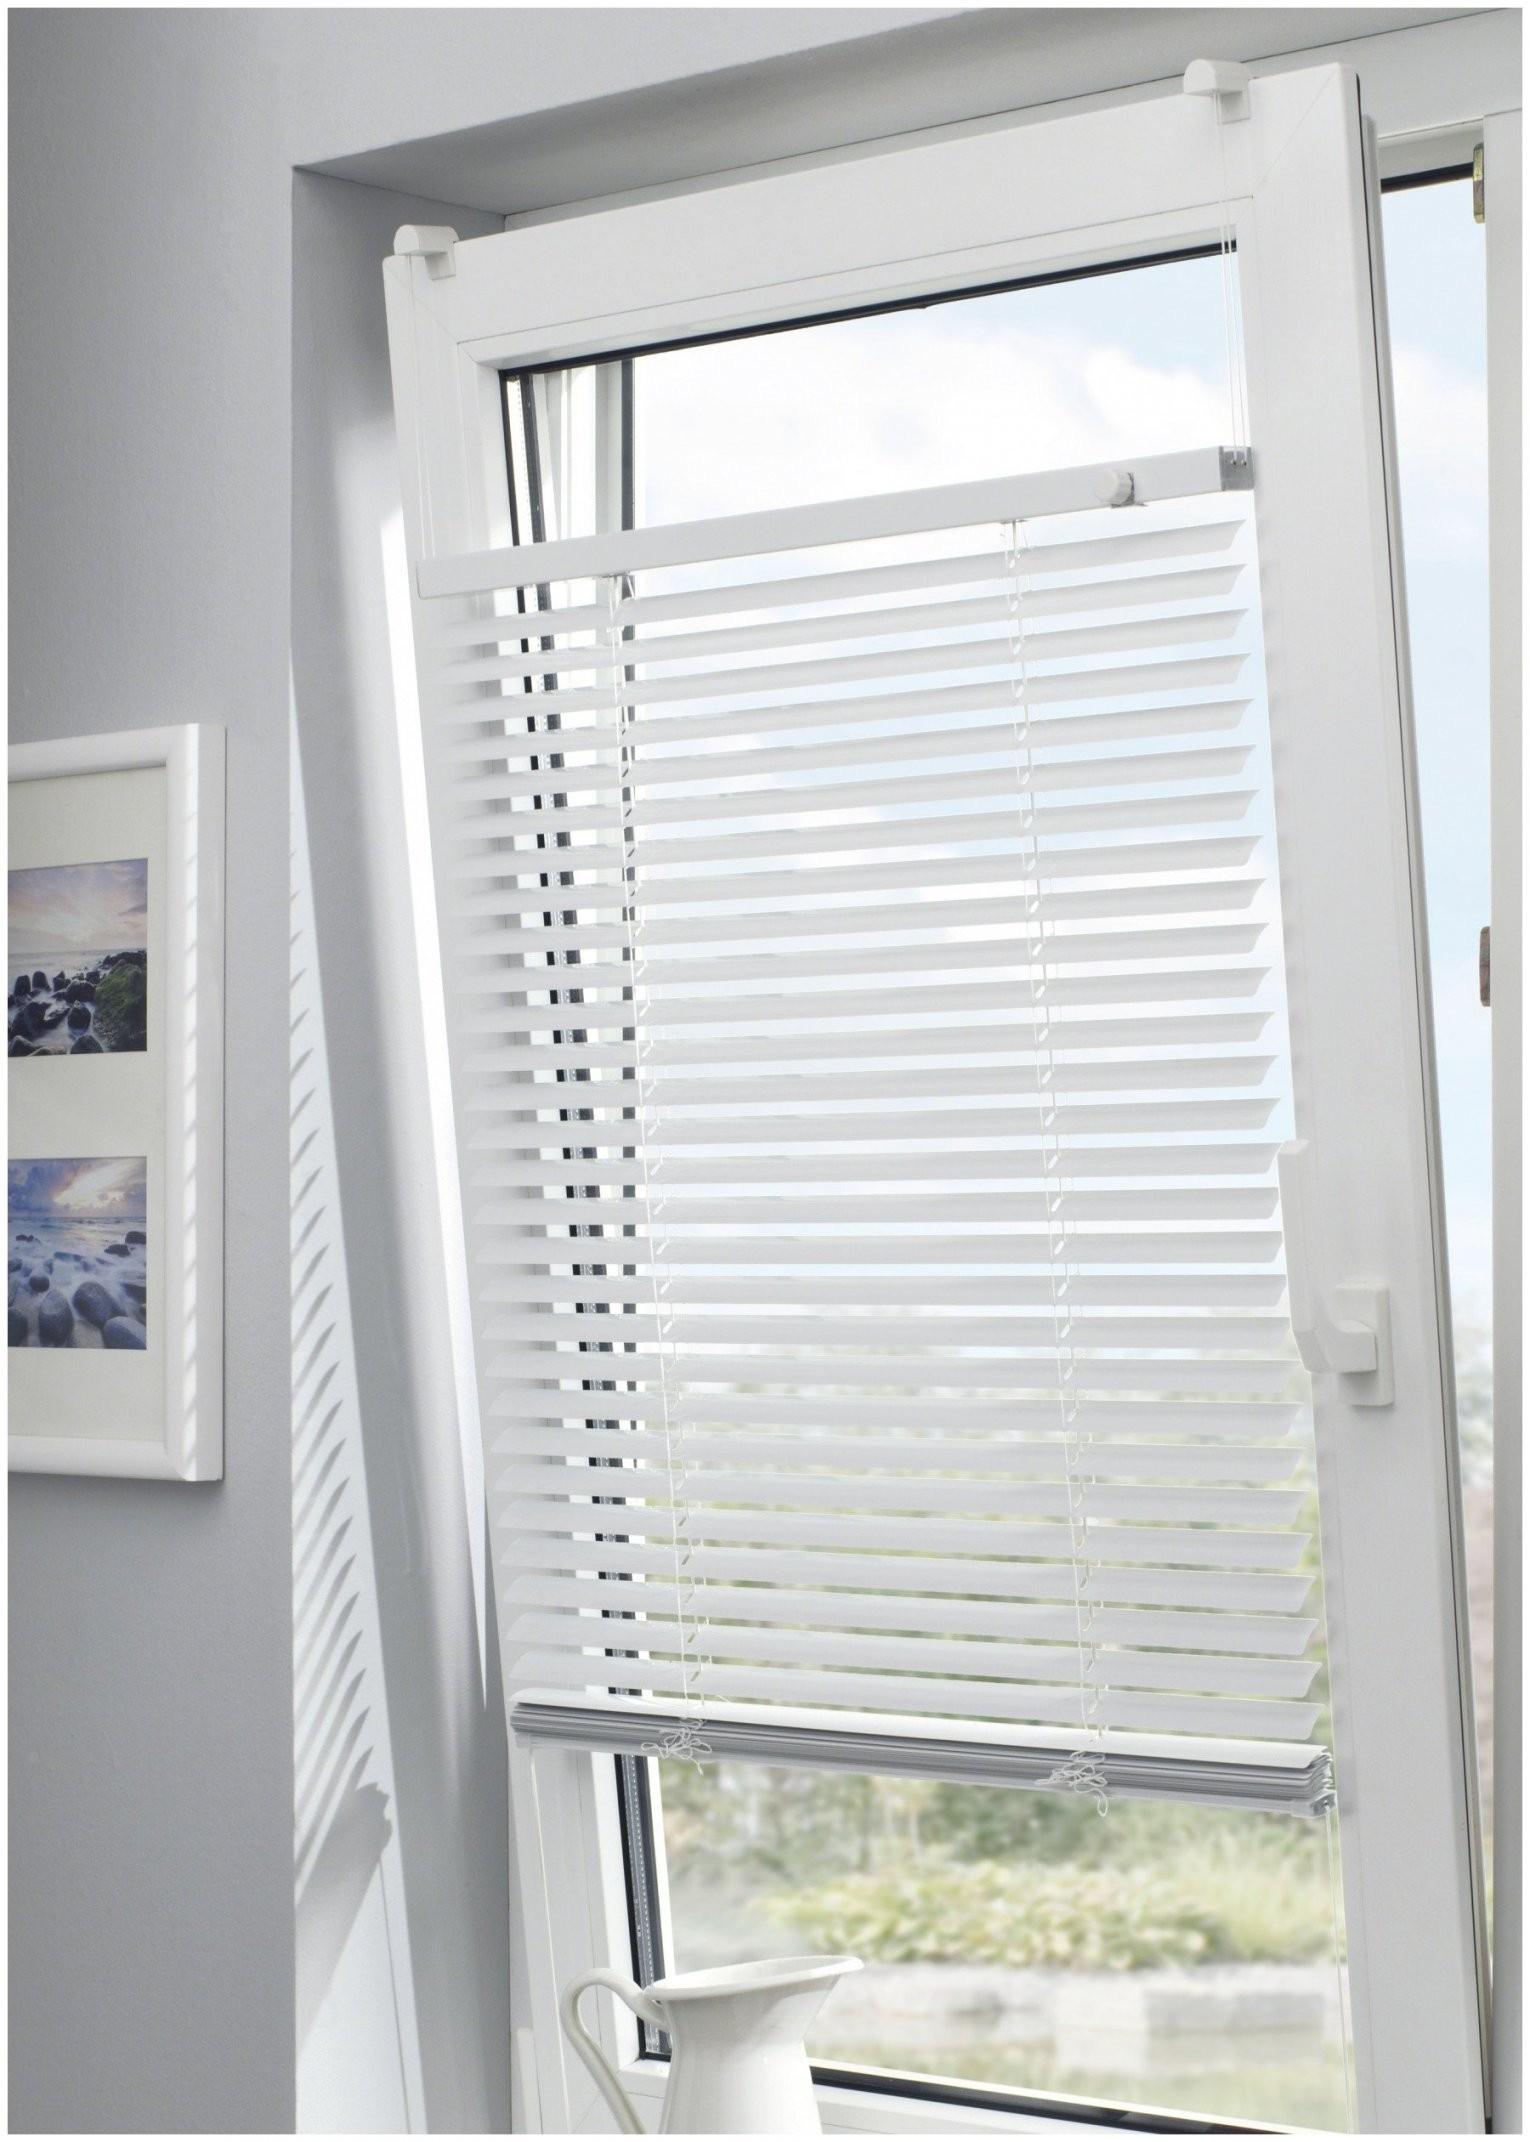 Herrlich Fenster Rollos Innen Rollo 251353 Für Plissee Günstig von Fenster Rollos Für Innen Photo